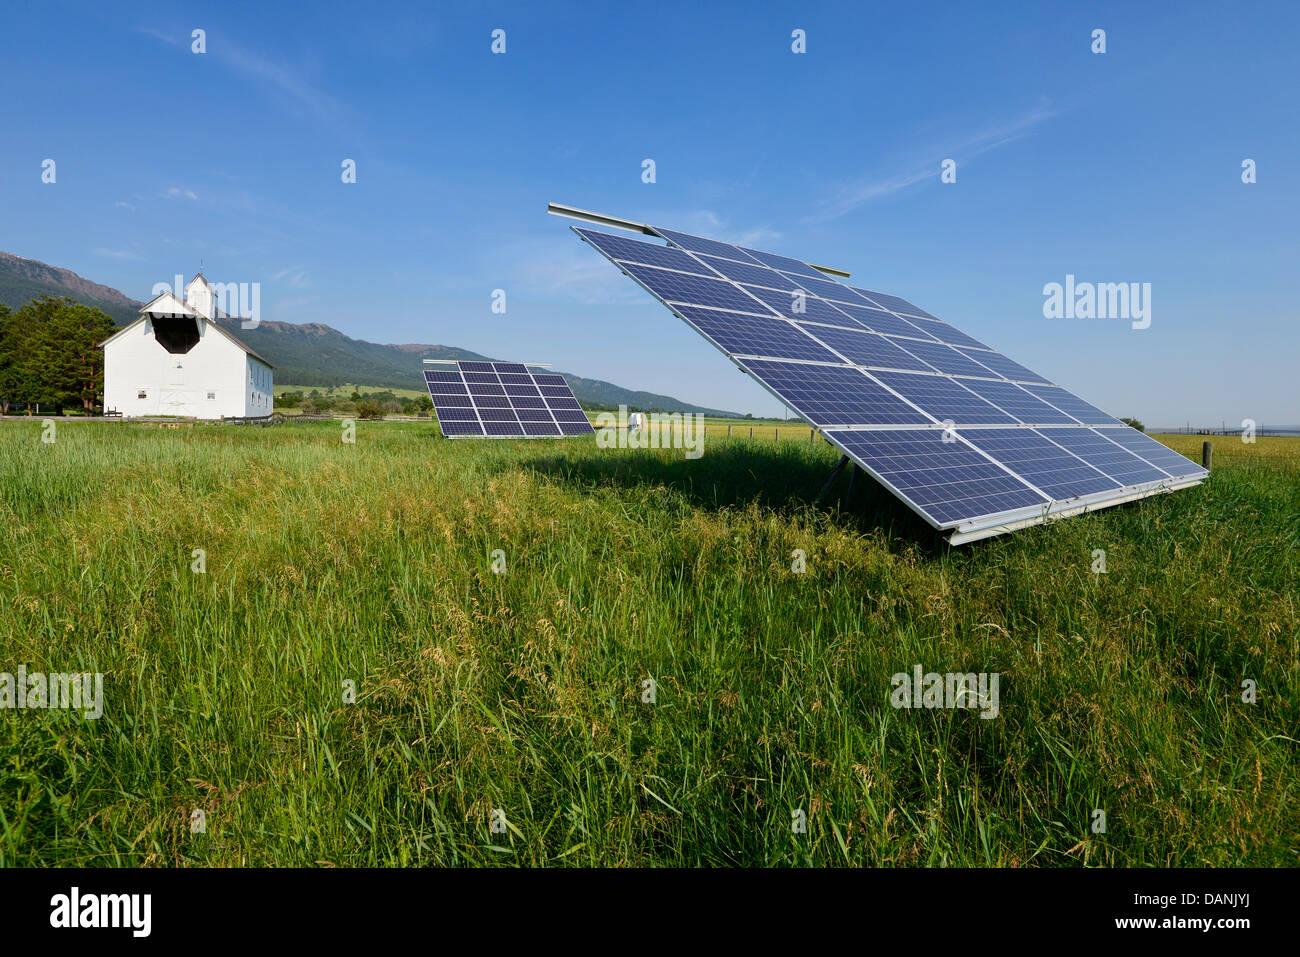 Paneles solares en una granja en el valle de Wallowa en Oregon. Imagen De Stock